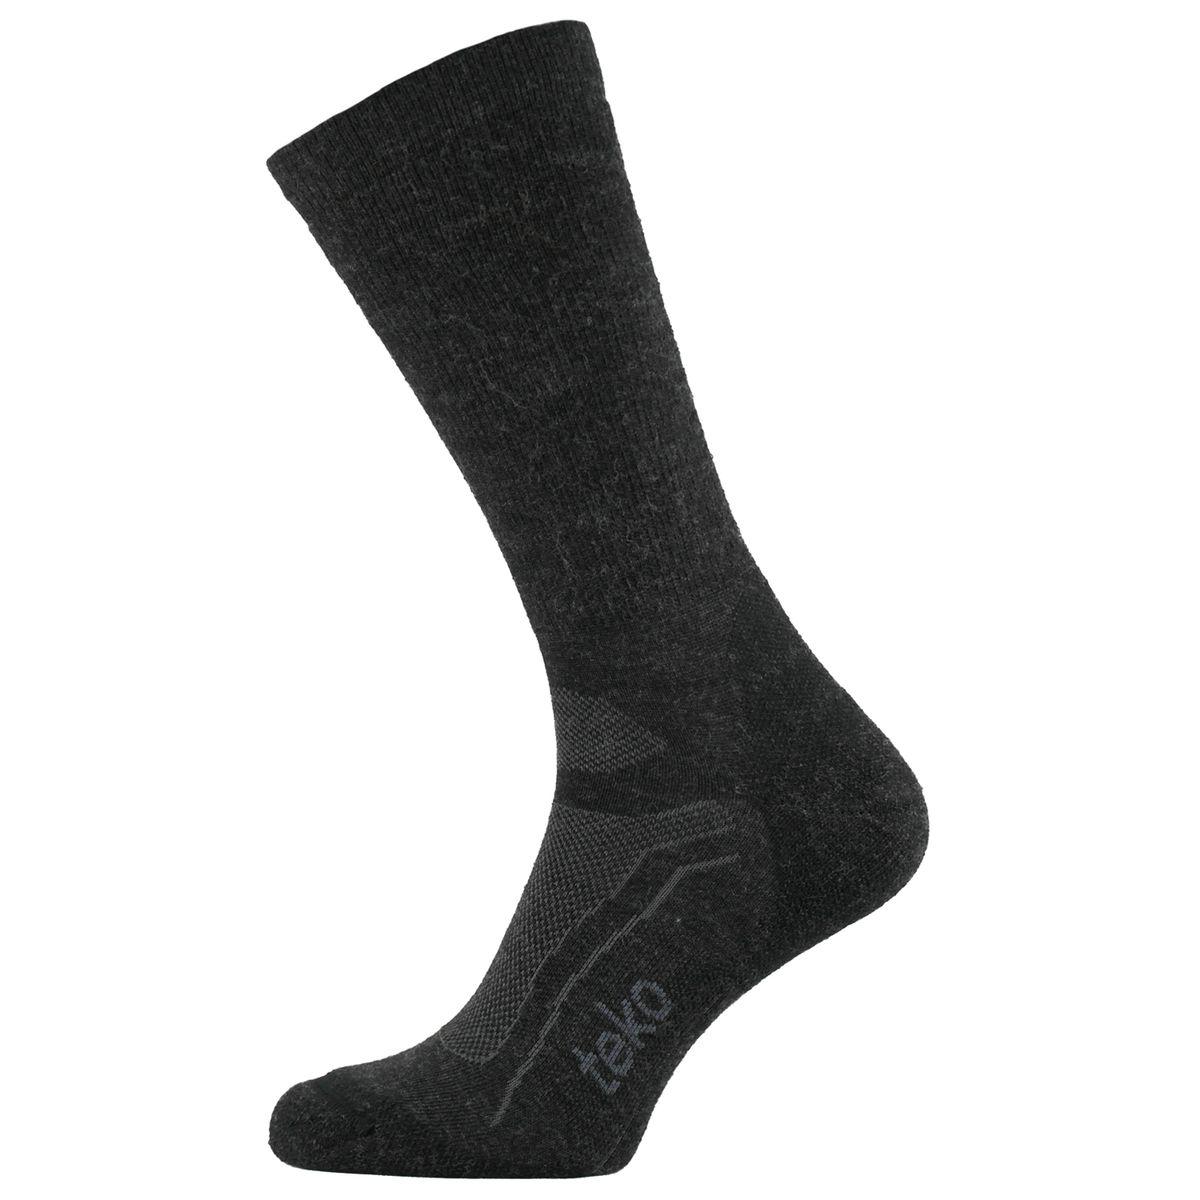 Teko MERINO Summit Series Mid Hiking Sock